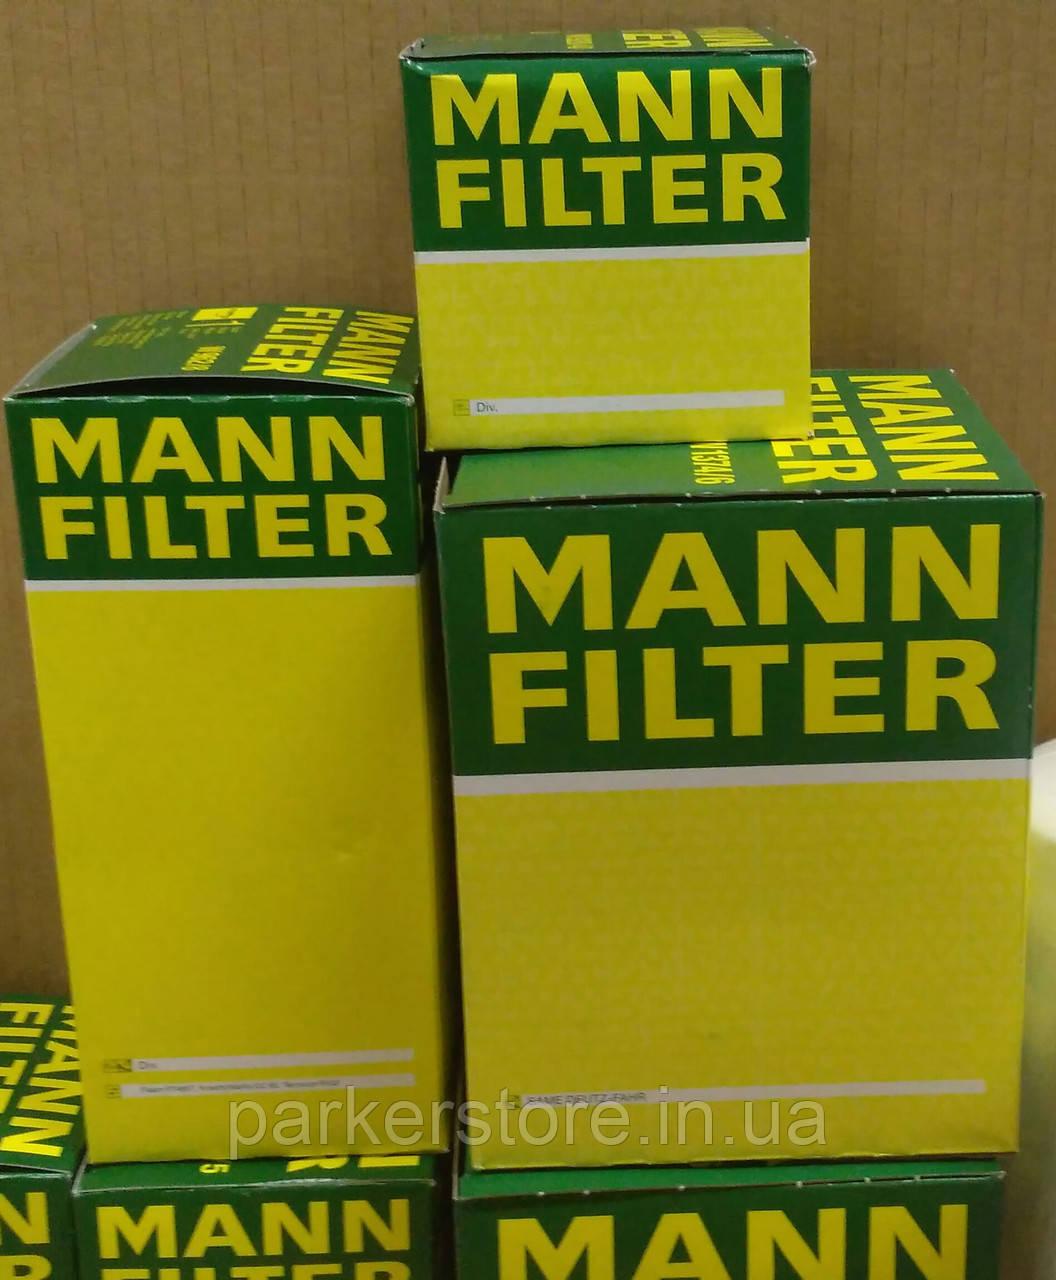 MANN FILTER / Воздушный фильтр / C 31 012 / C31012